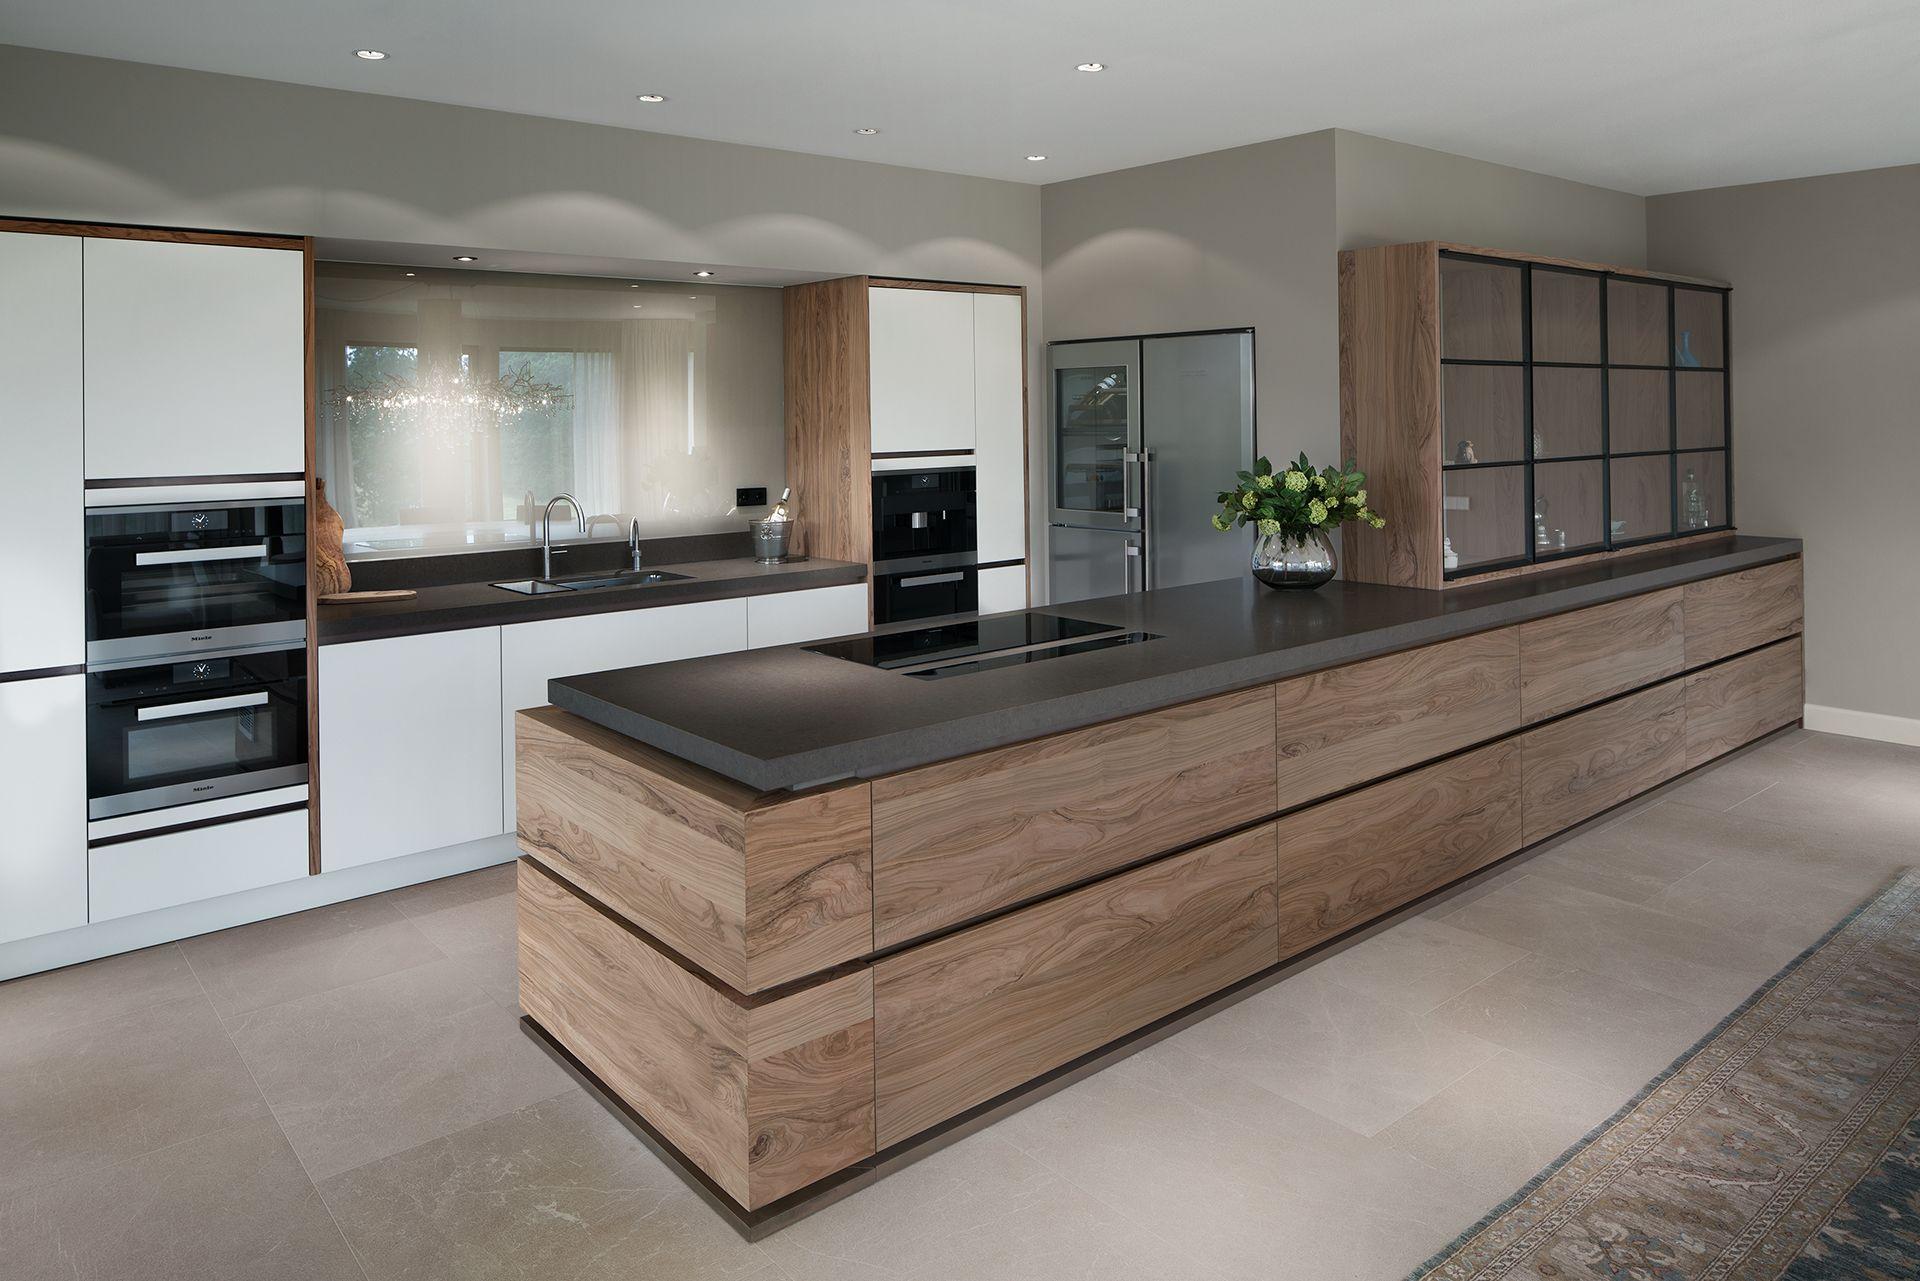 Een moderne keuken komt tot leven door de combinatie van strak